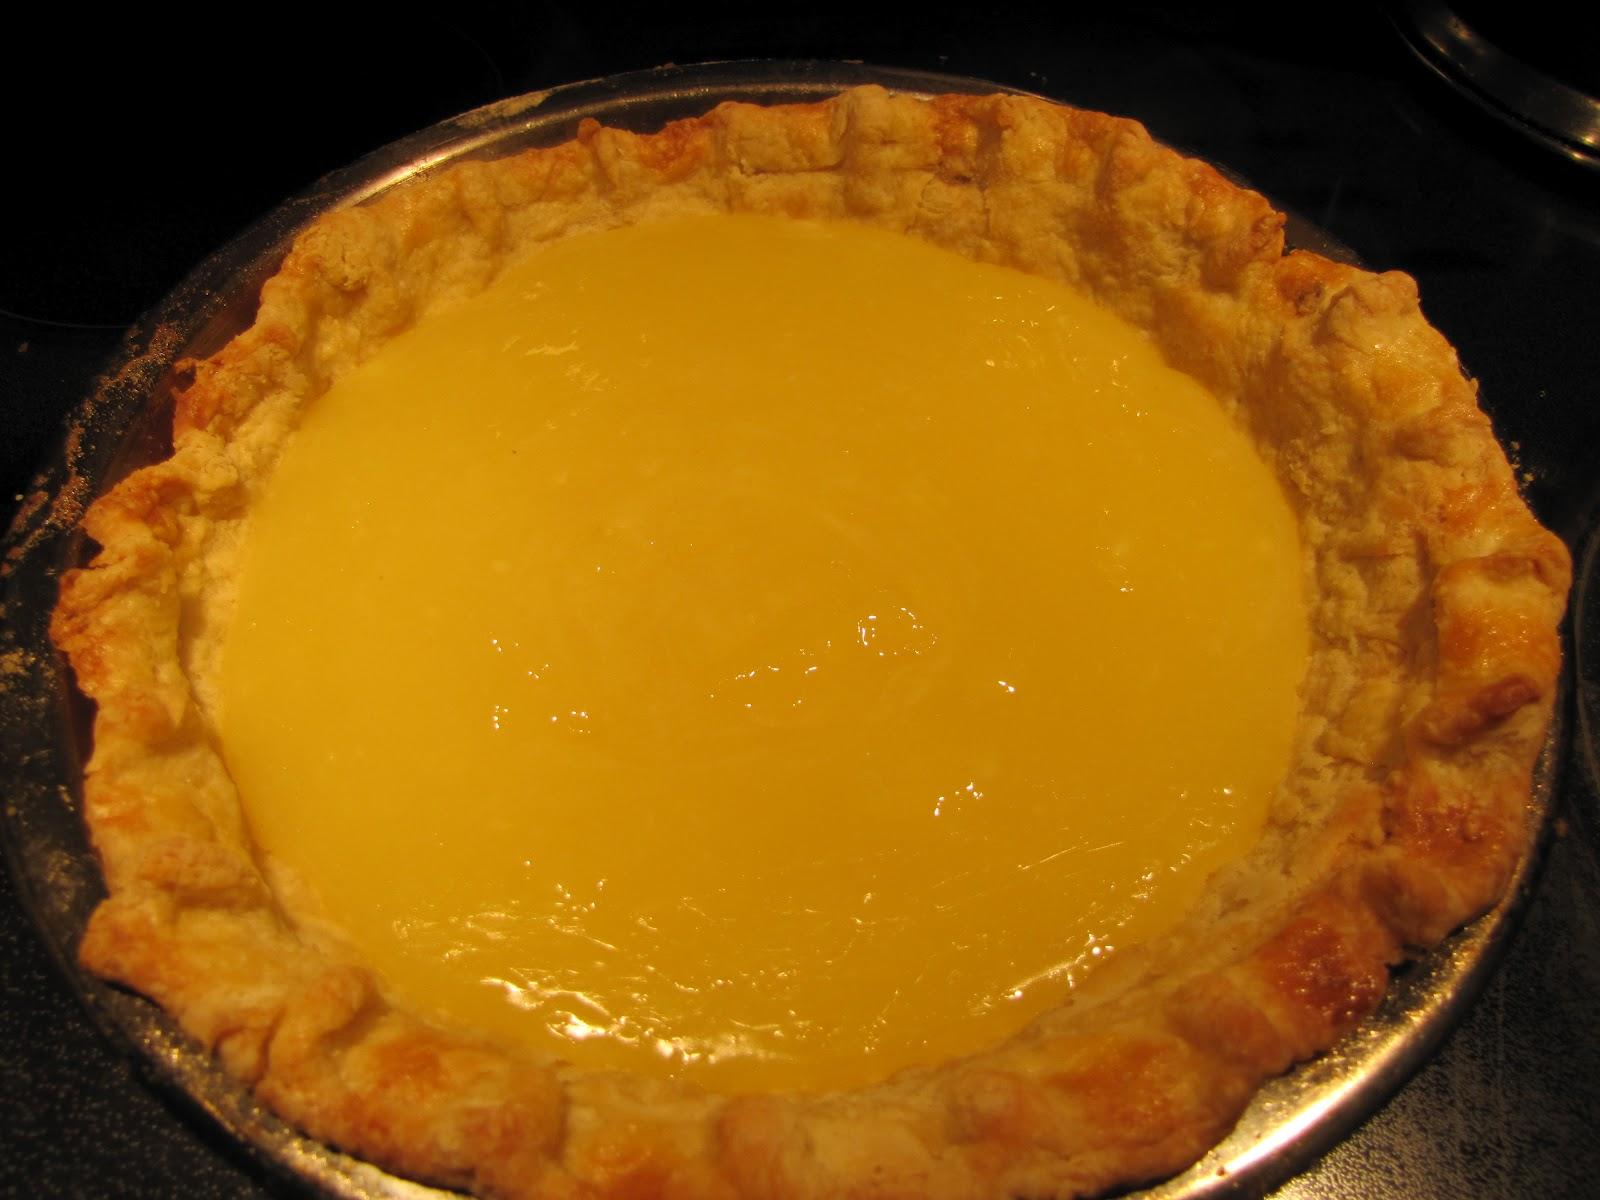 Flu Busting Organic Lemon Pie No Sugar